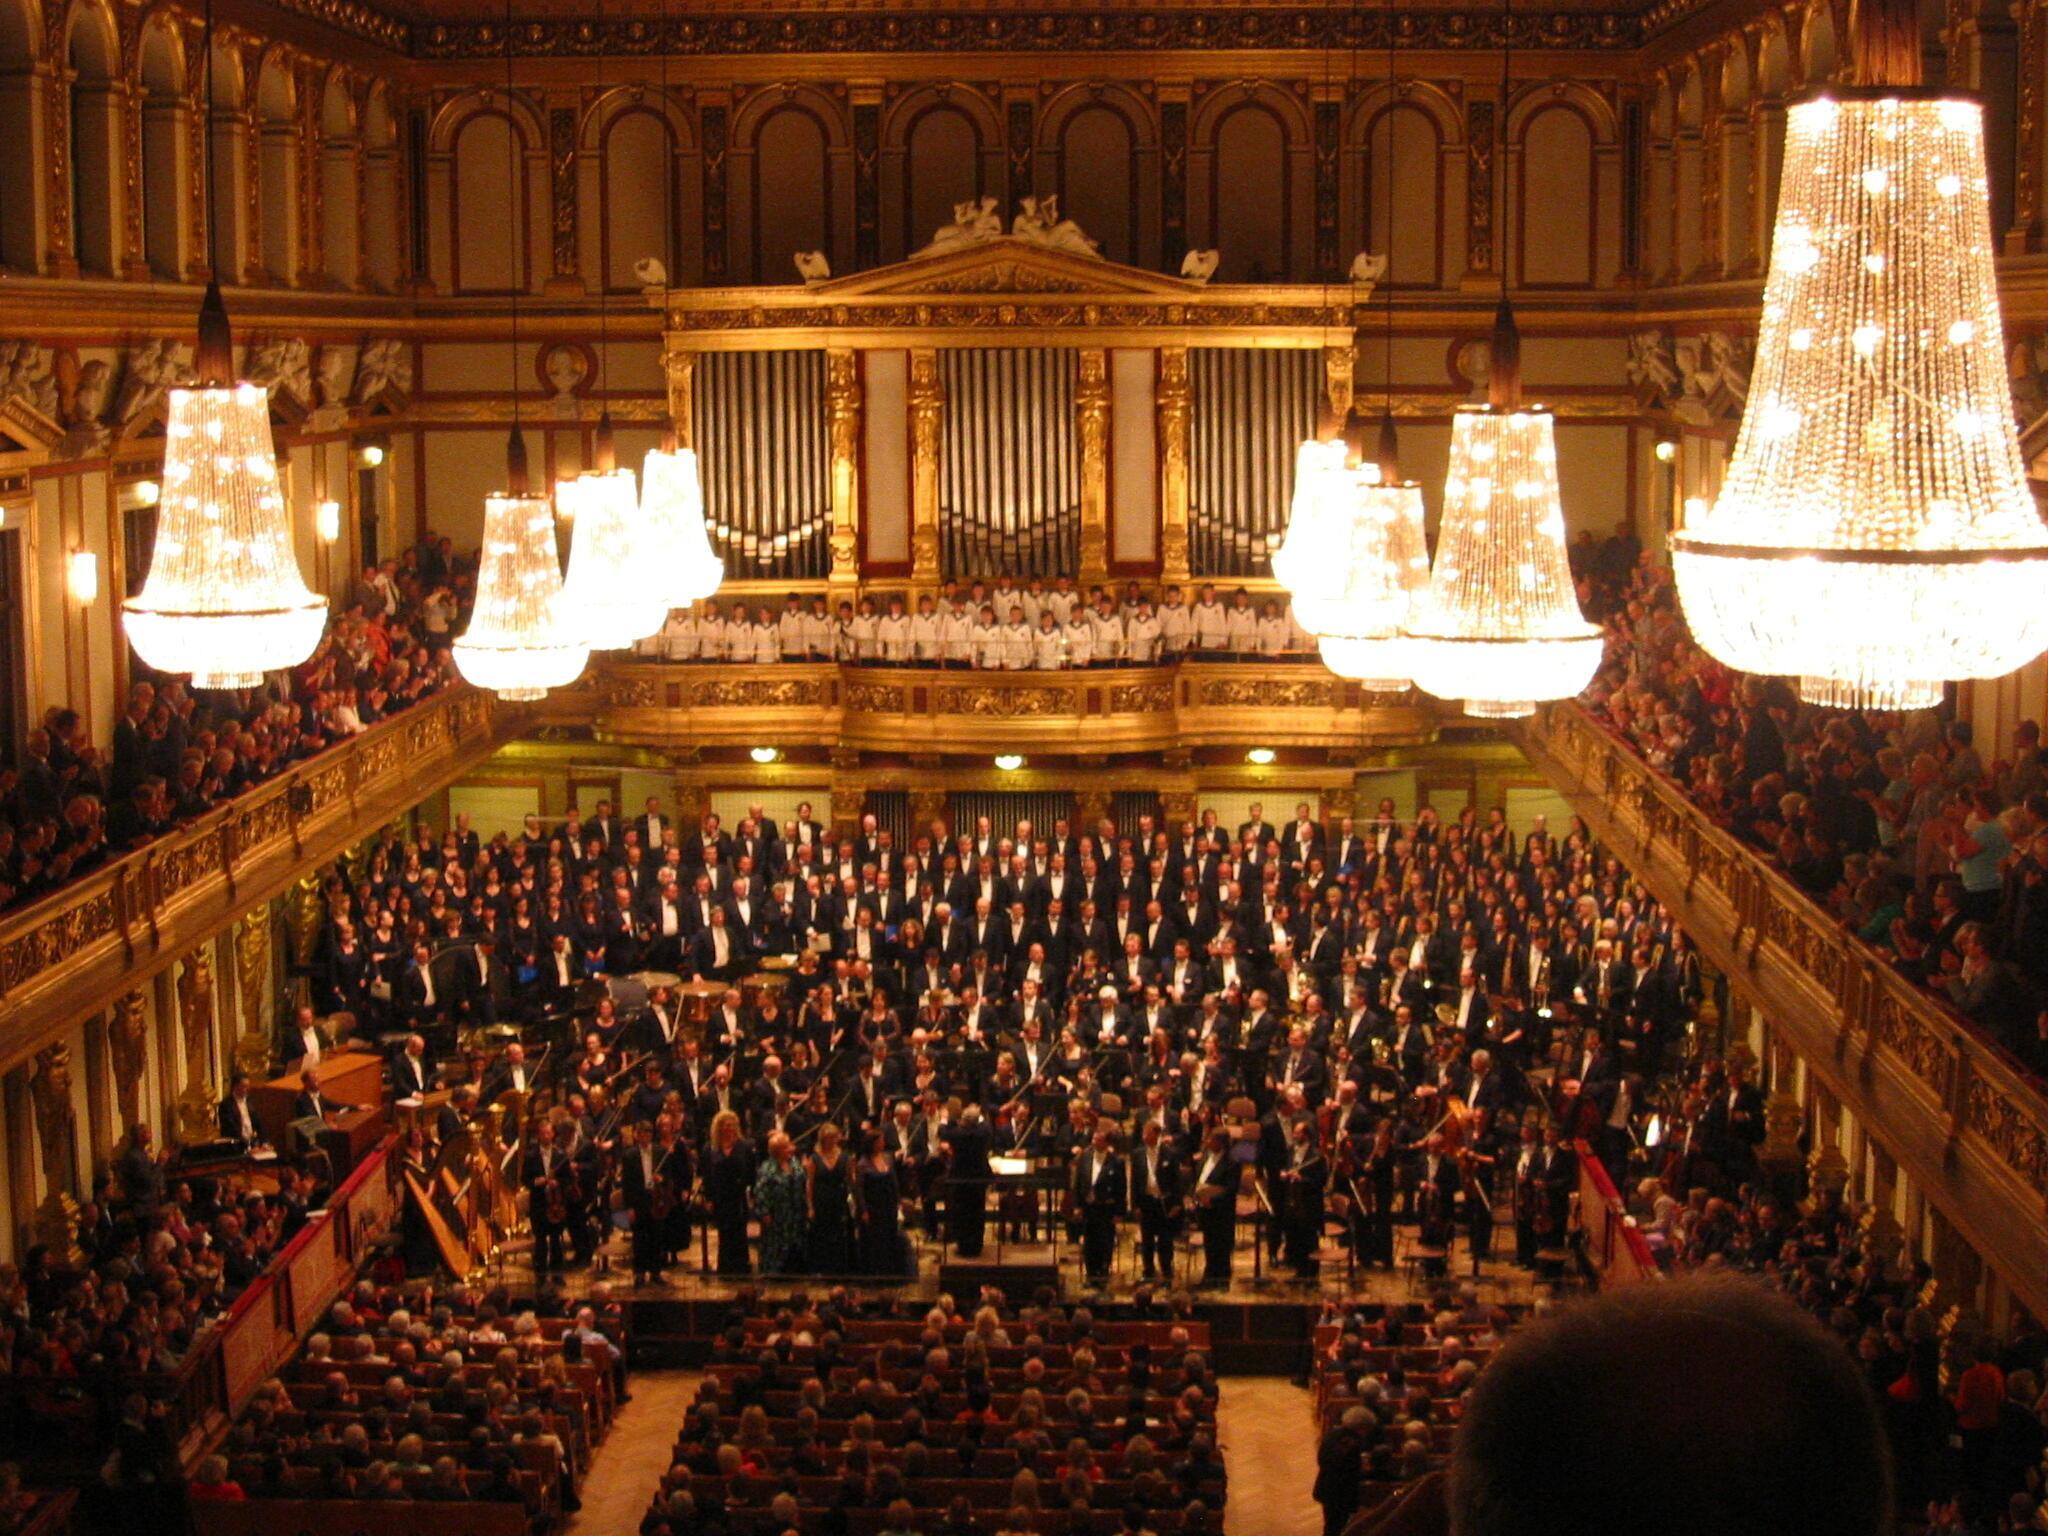 Dàn Nhạc Giao Hưởng Vienna